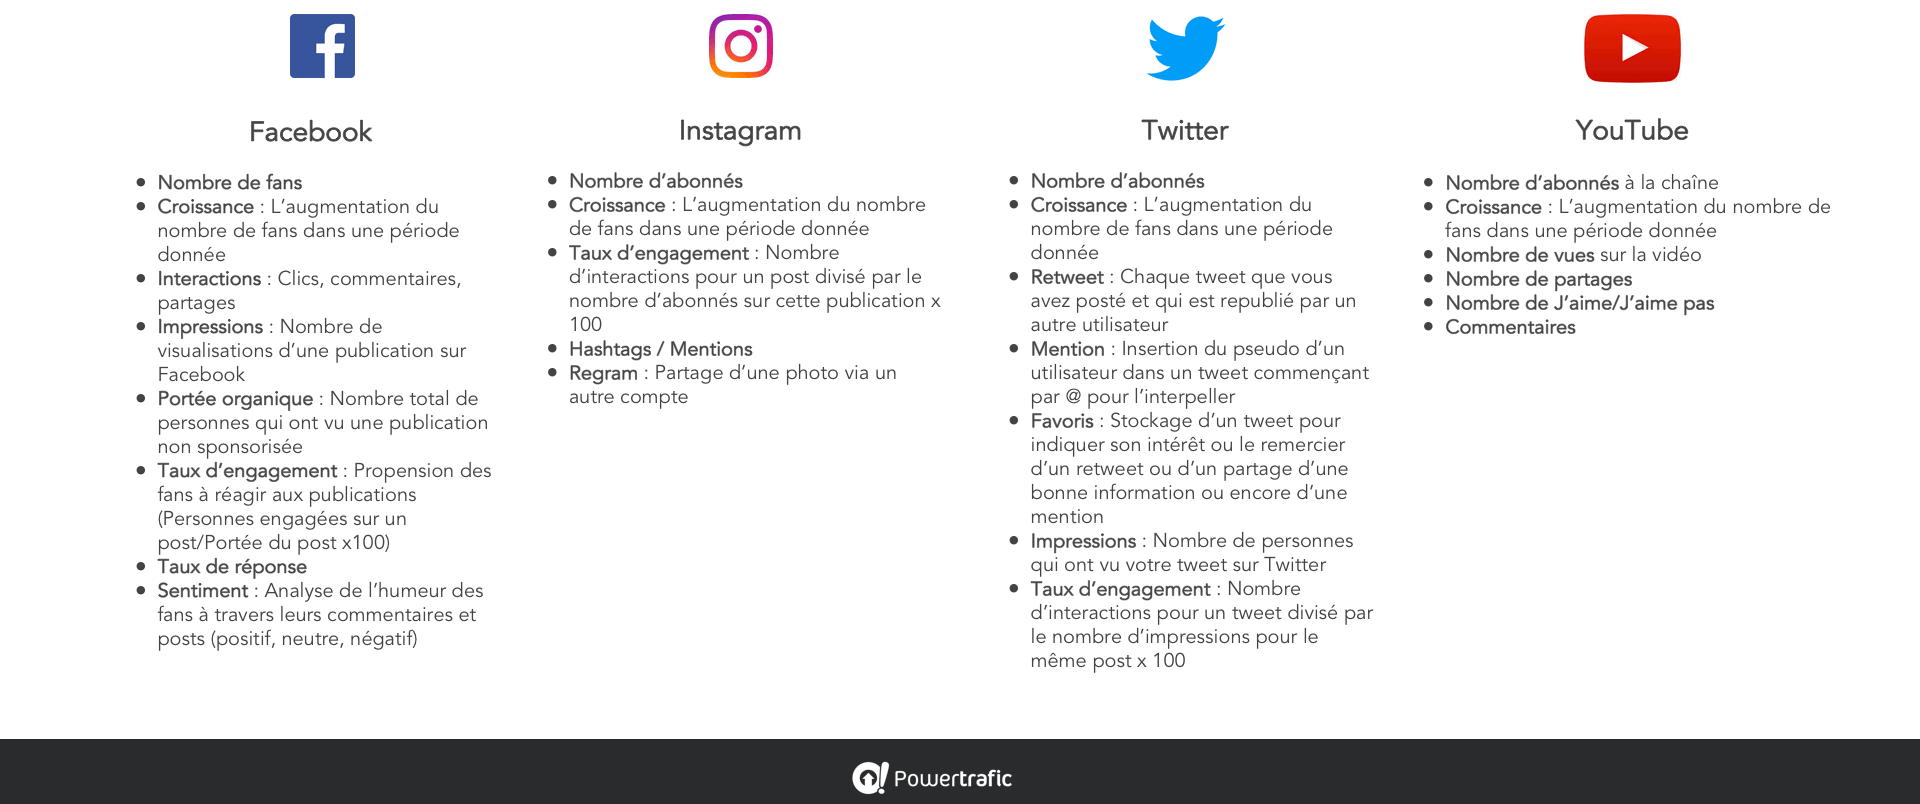 Marketing et KPI : suivi des réseaux sociaux